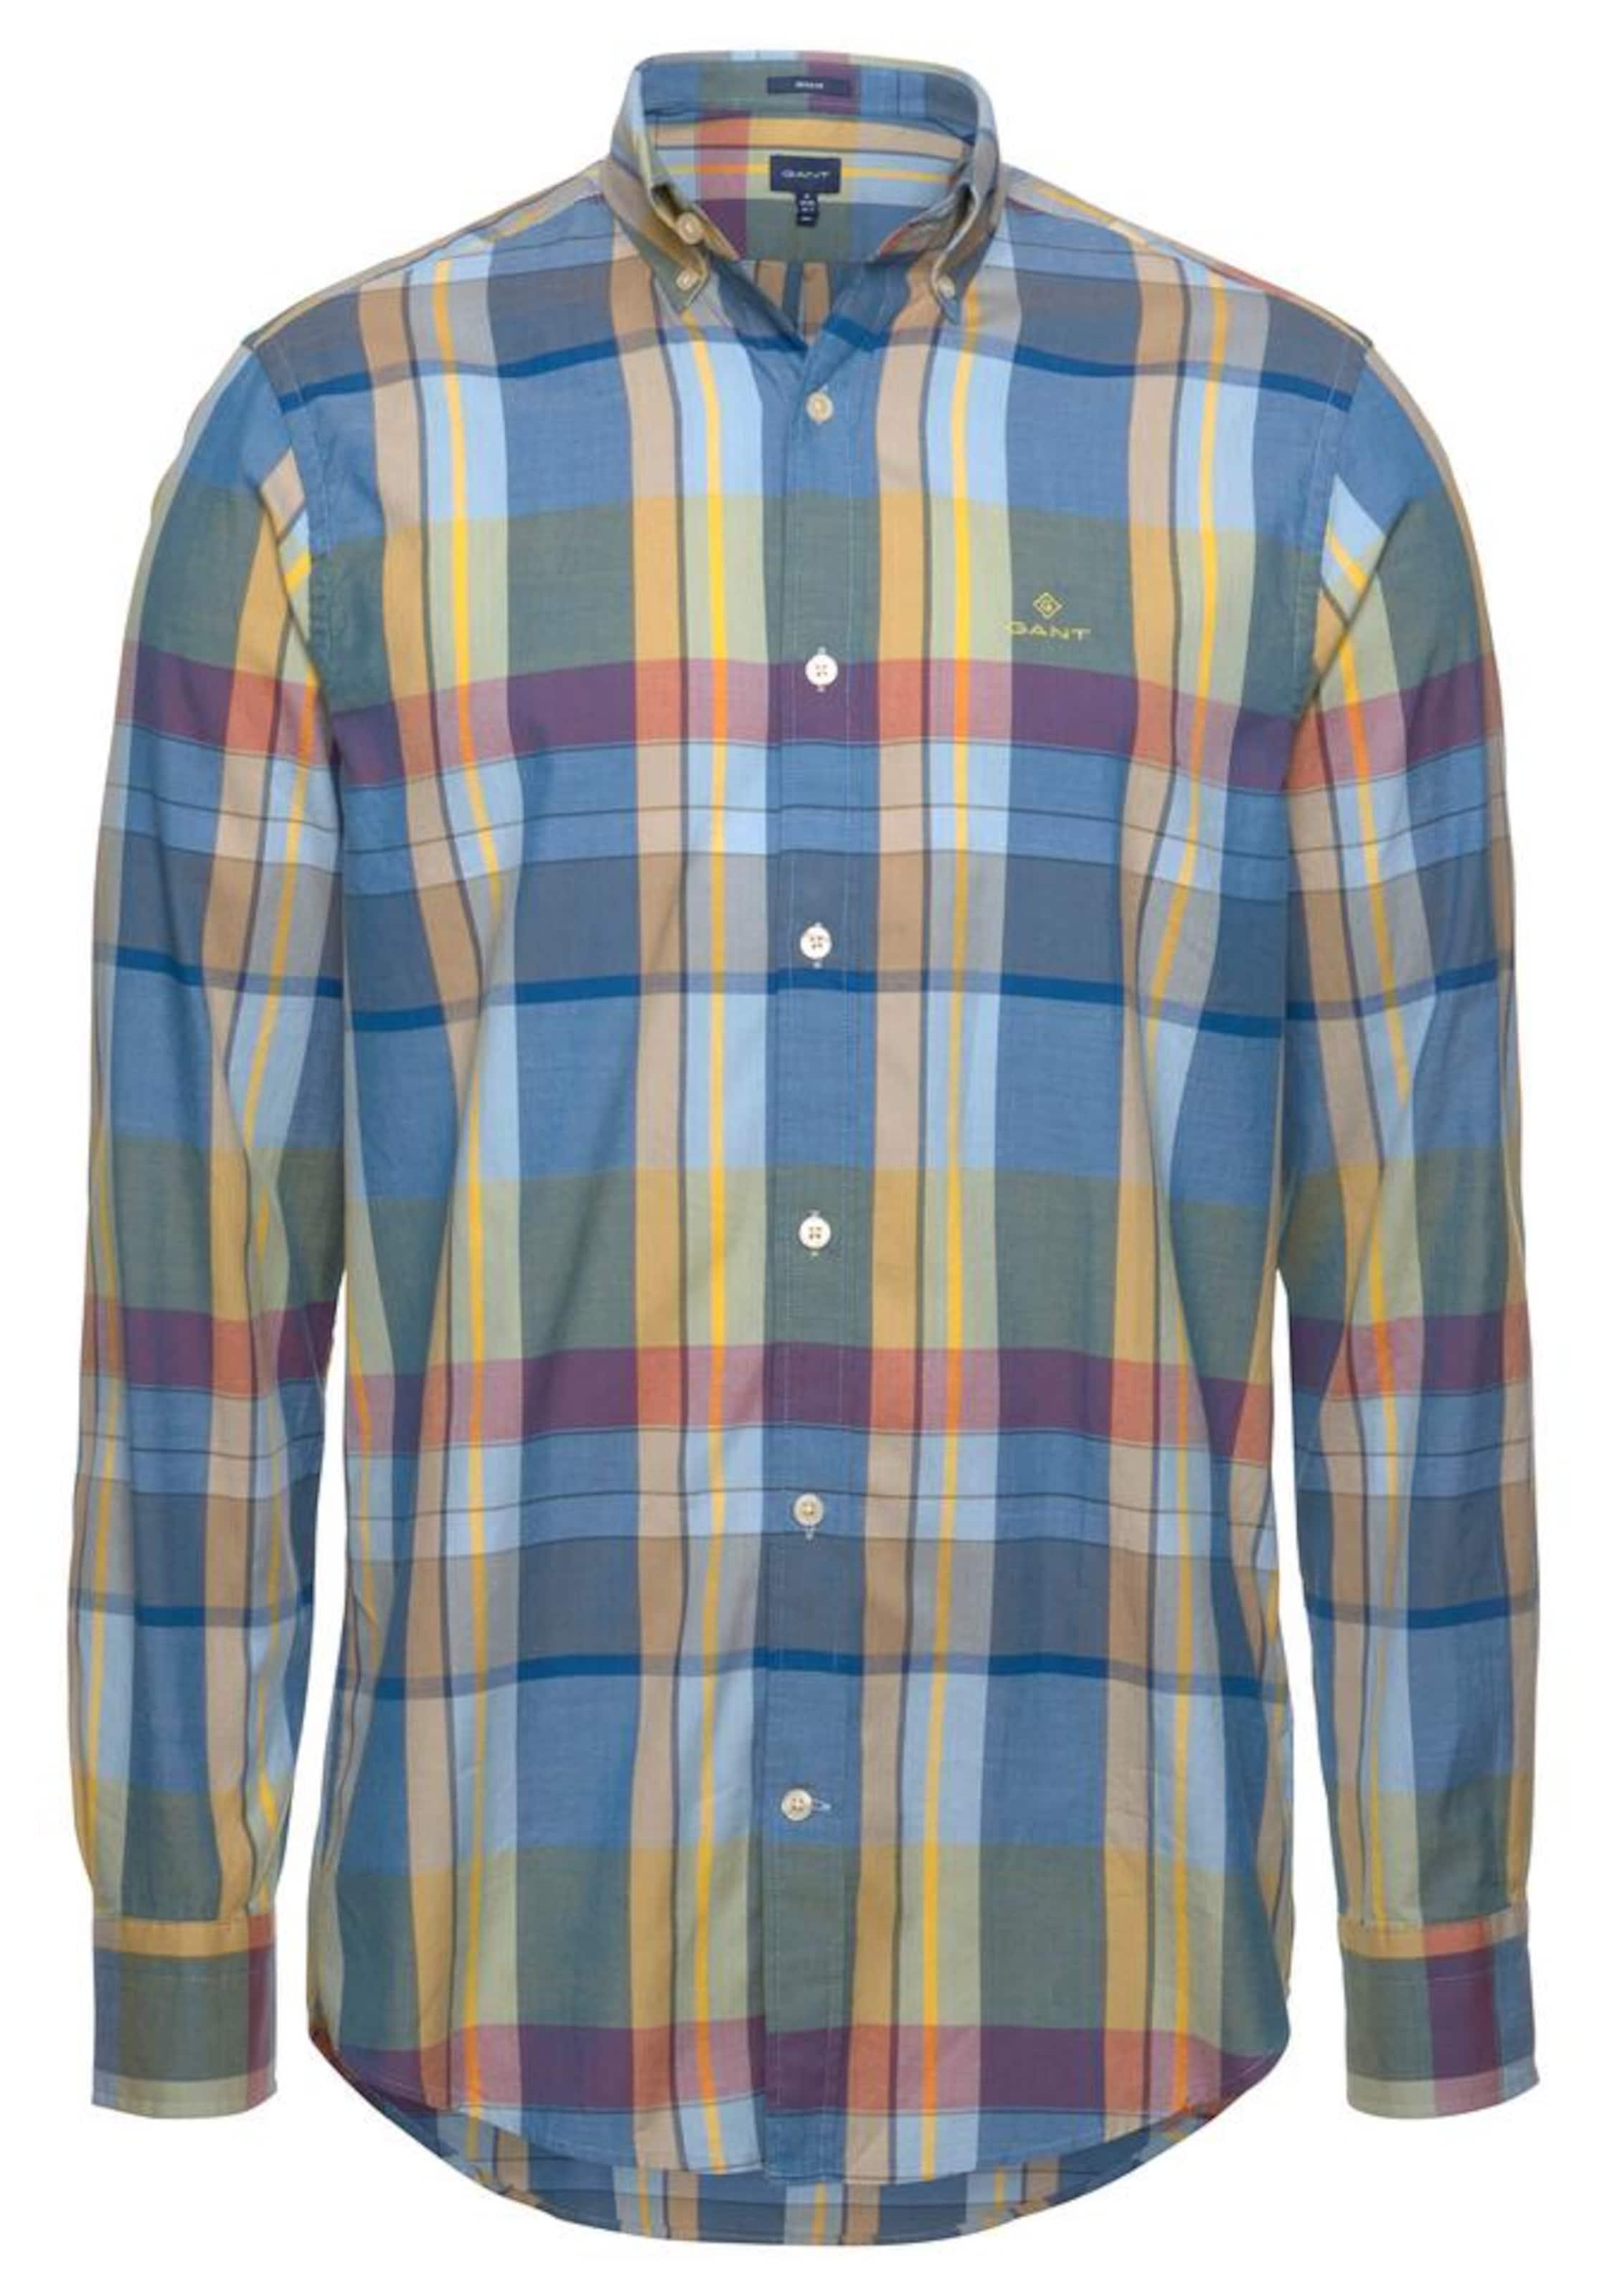 Gant Hemd Hemd Hemd Gant In HimmelblauSenf HimmelblauSenf Gant Pastellrot In Pastellrot gm7vYyb6If